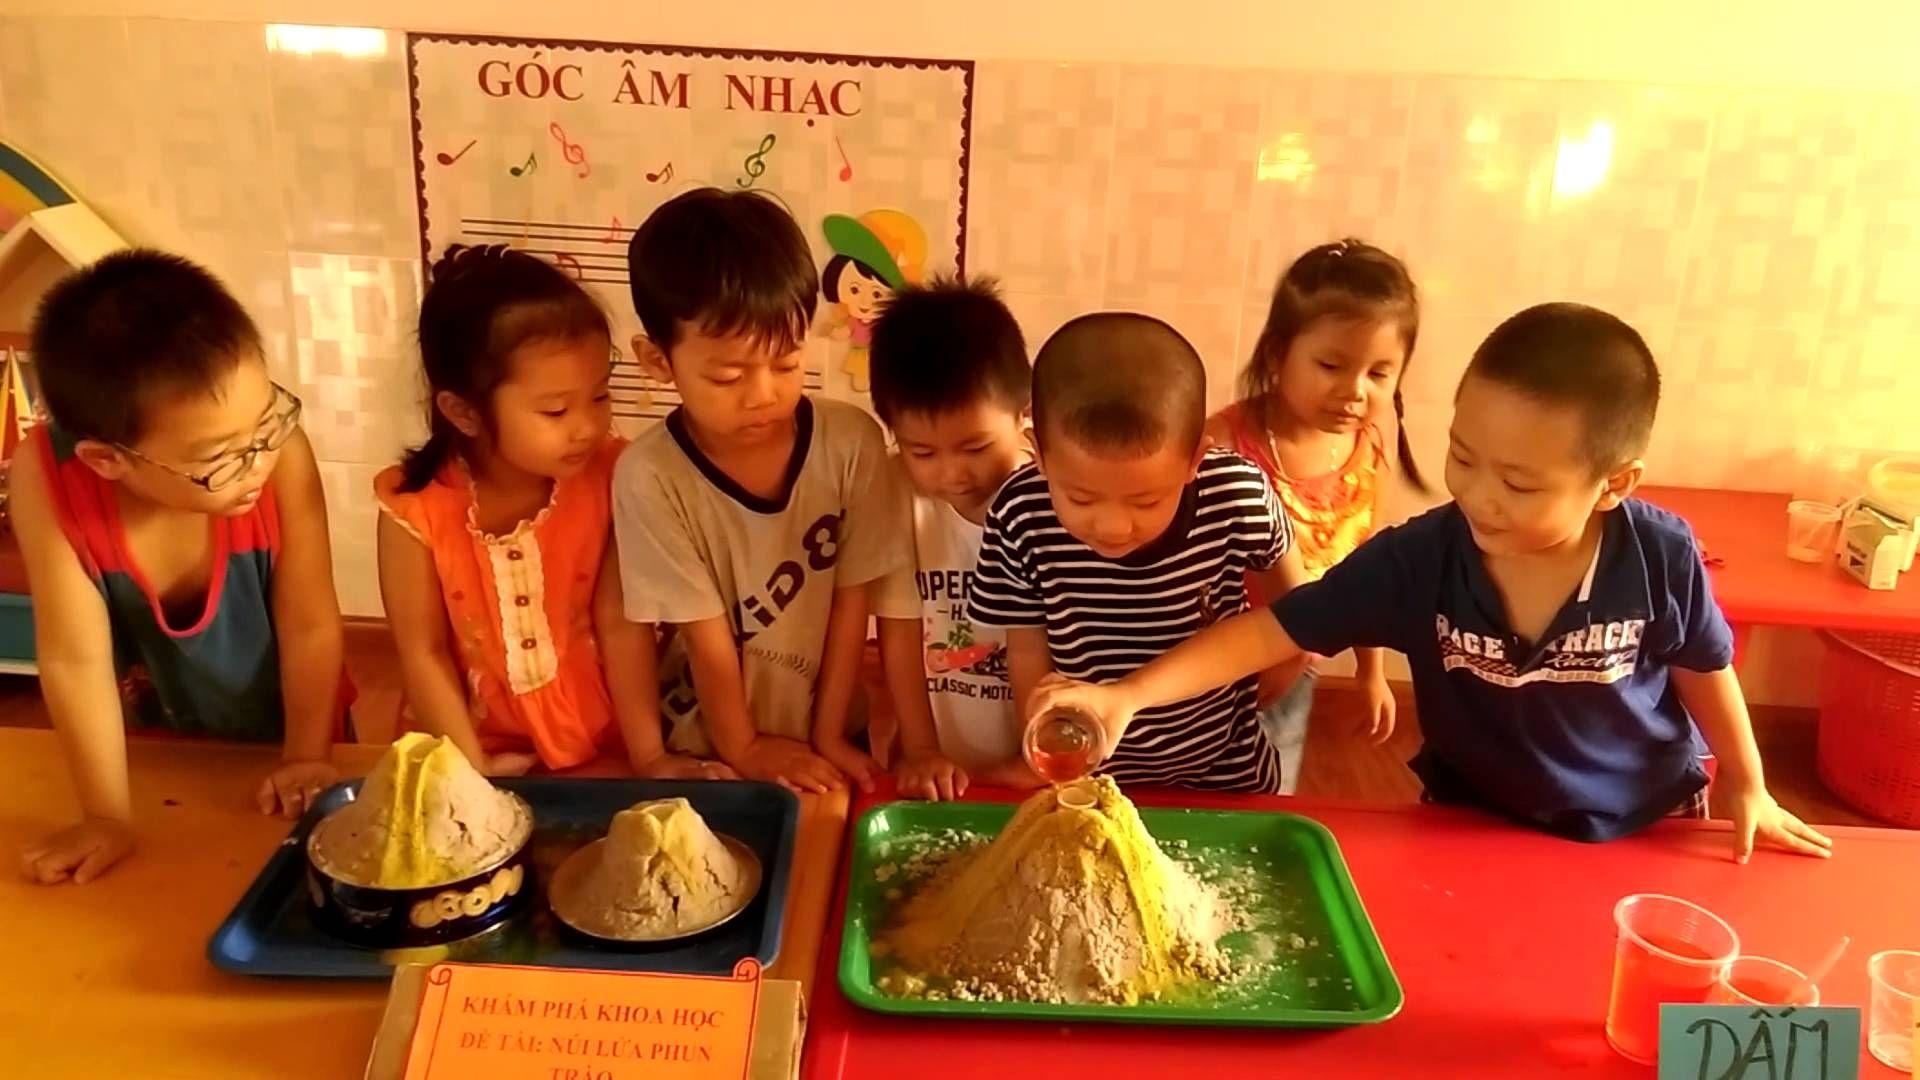 Cho các bé thực hiện những thí nghiệm ngay tại lớp vừa giúp bé học tập lại vừa thỏa sức sáng tạo tiếp thu kiến thức một cách tự nhiên nhất